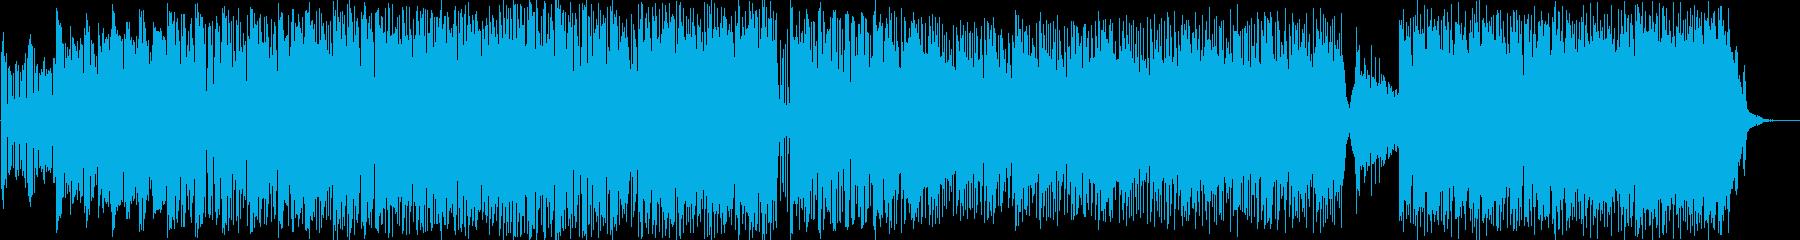 未来的なサウンドのベッドトラックの...の再生済みの波形